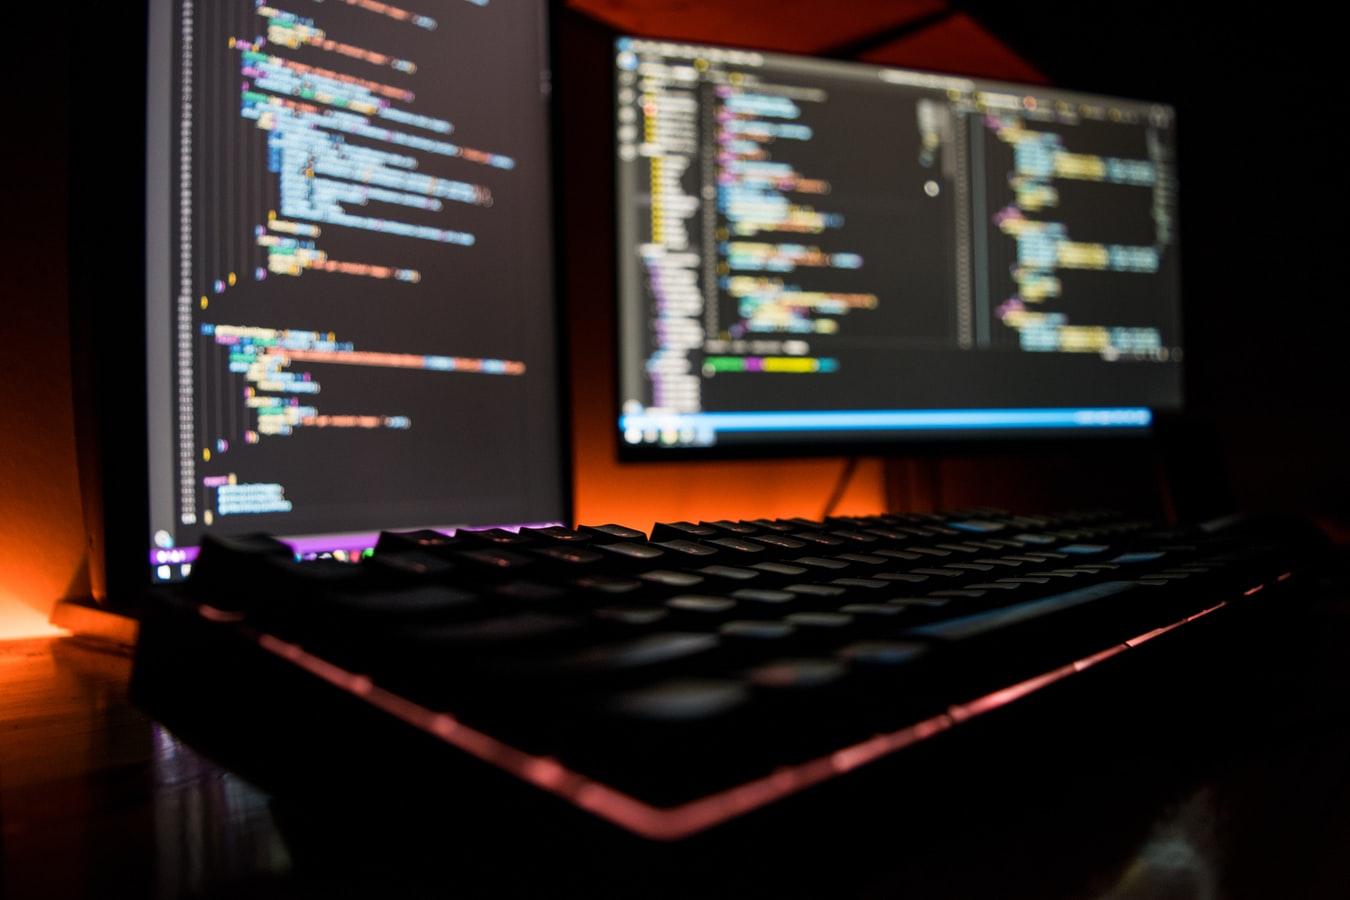 Célula ágil software